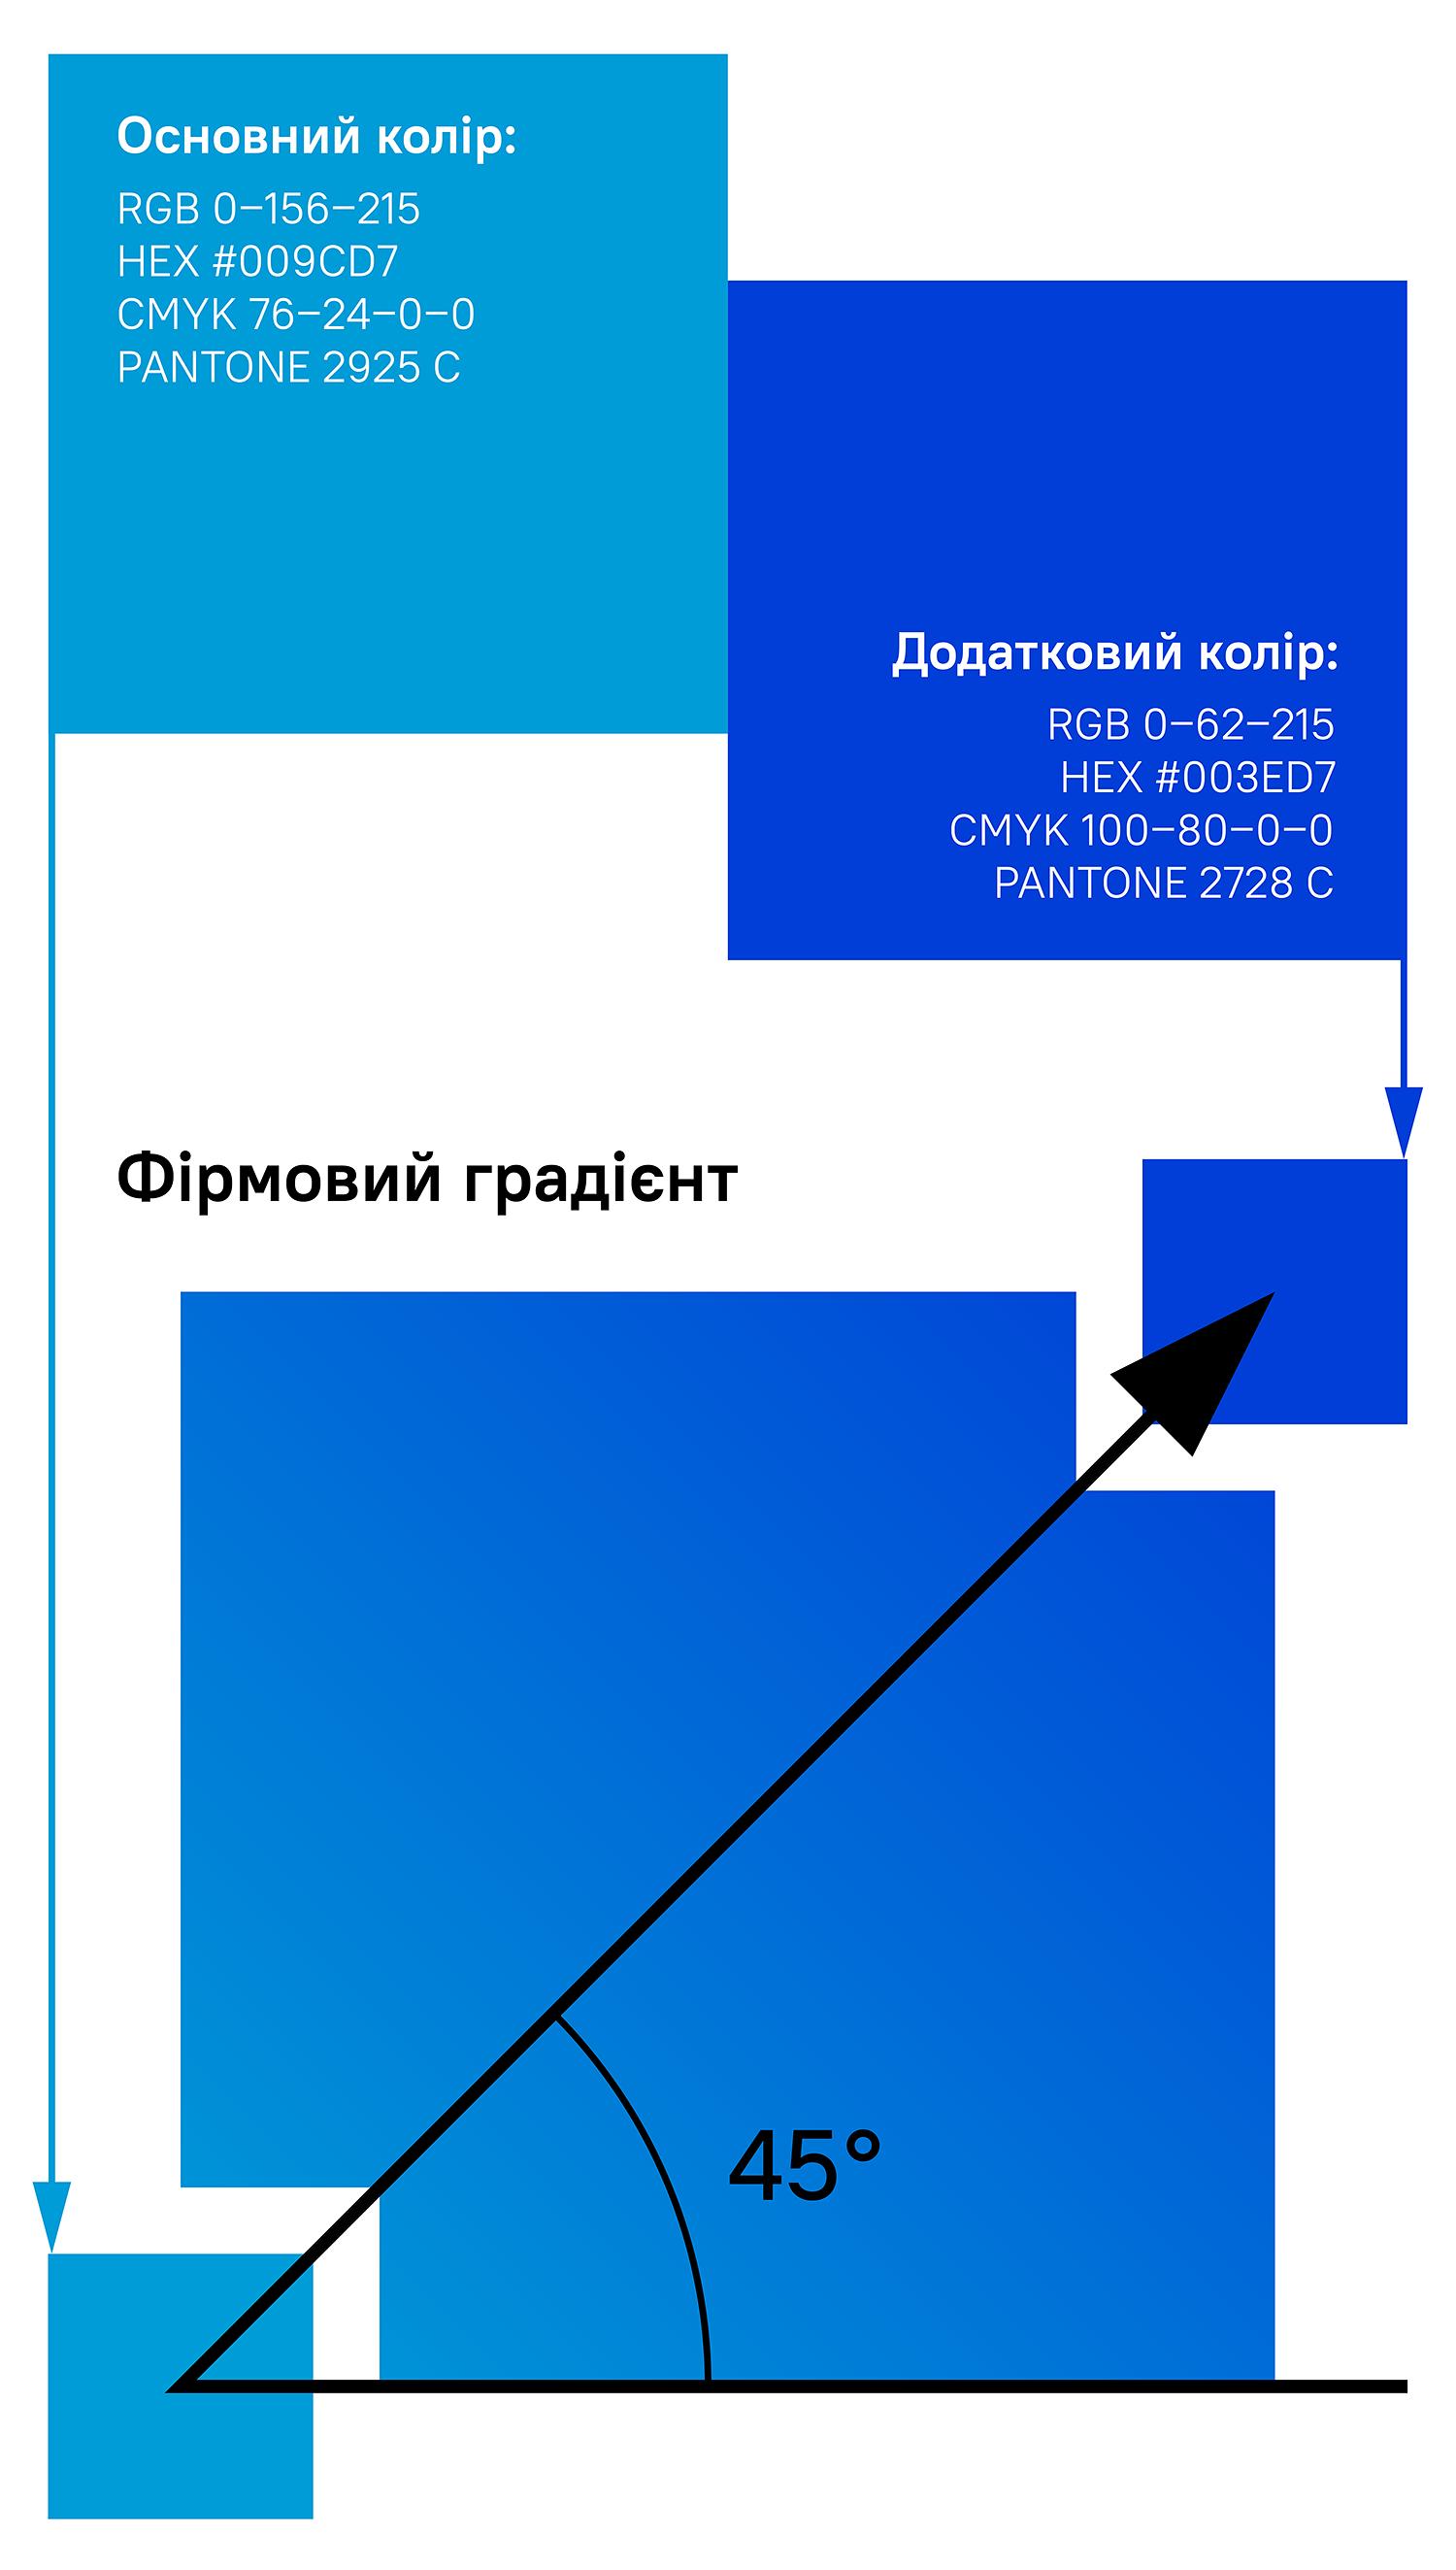 Підбір корпоративних кольорів і принцип побудови фірмового градієнта.